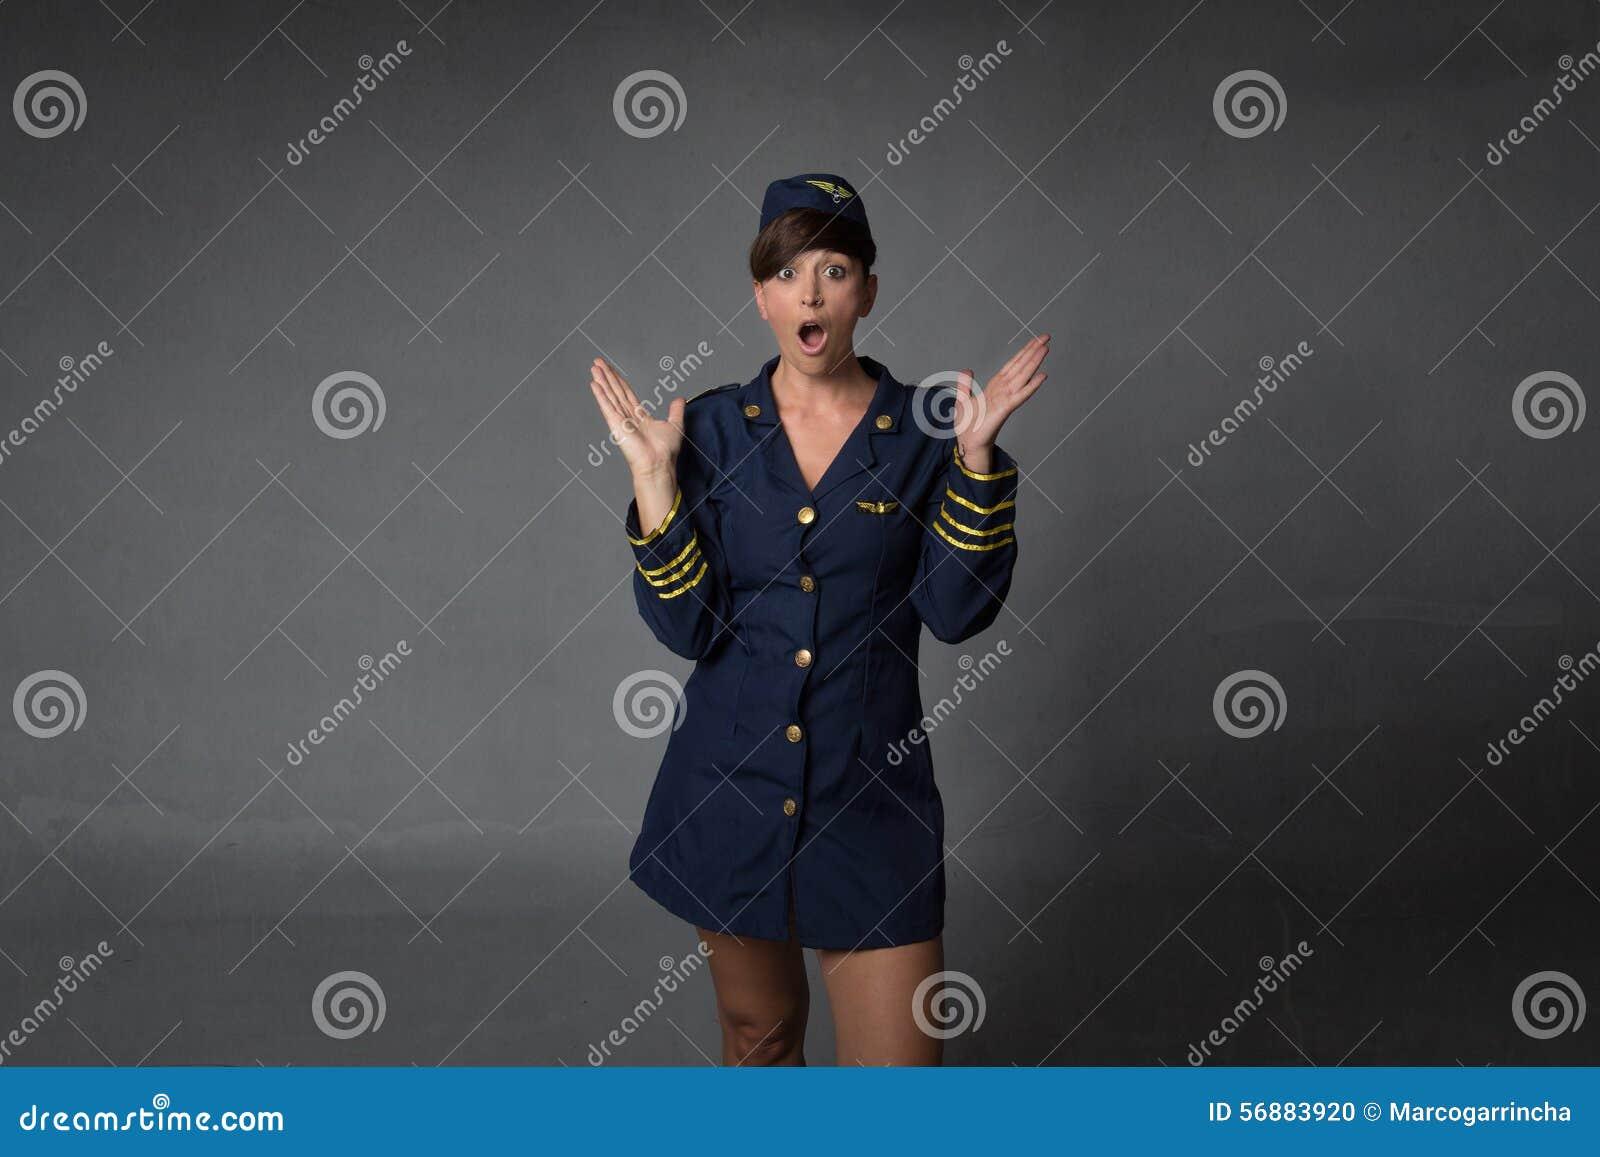 Unbelievingsuitdrukking voor stewardess